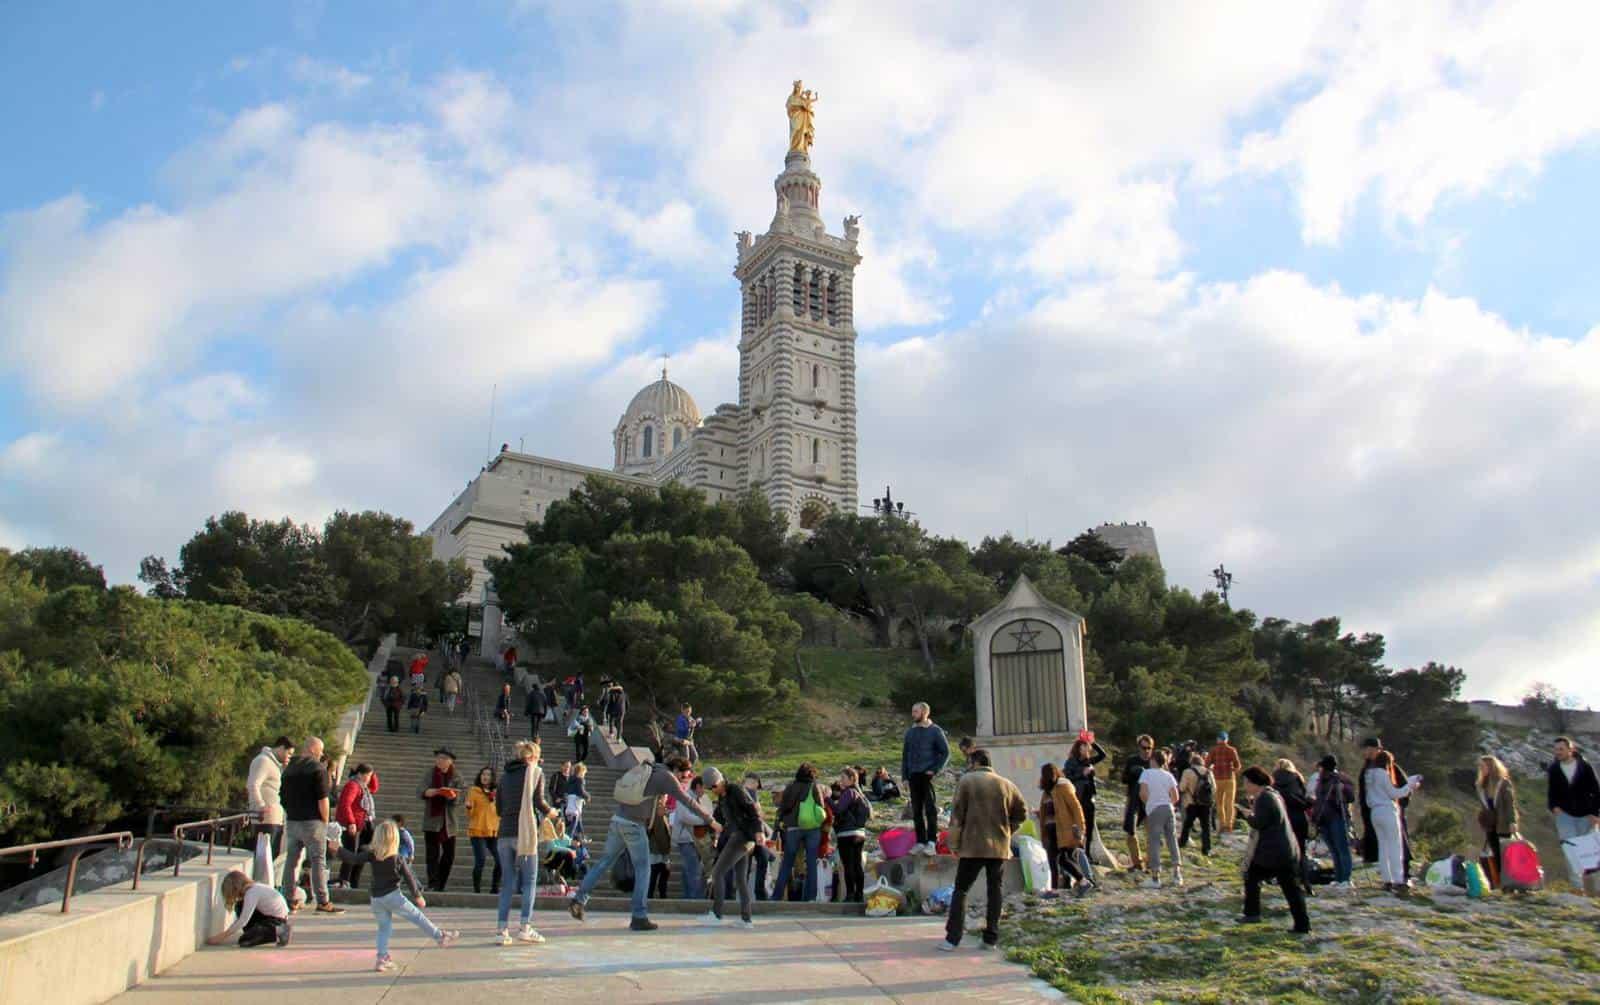 , Opération géante de ramassage de déchets à Notre-Dame de la Garde !, Made in Marseille